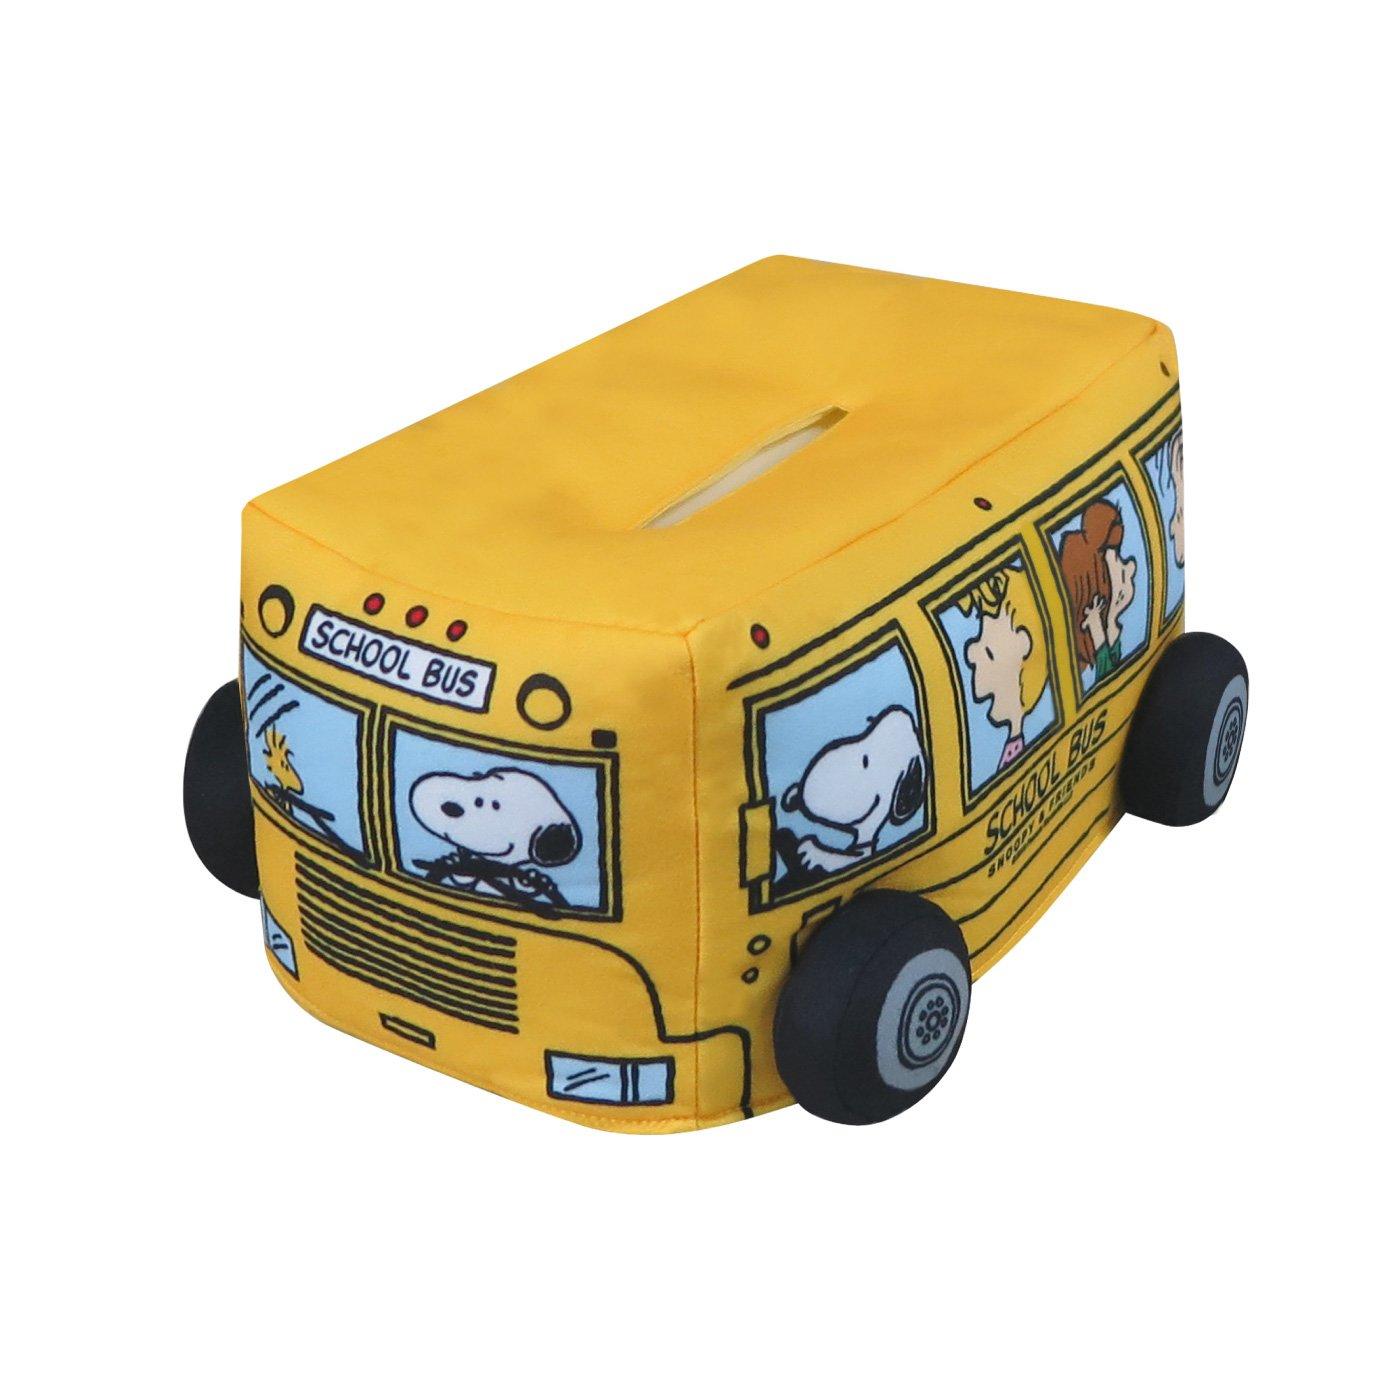 ぬいぐるみティッシュカバー スヌーピーとバス